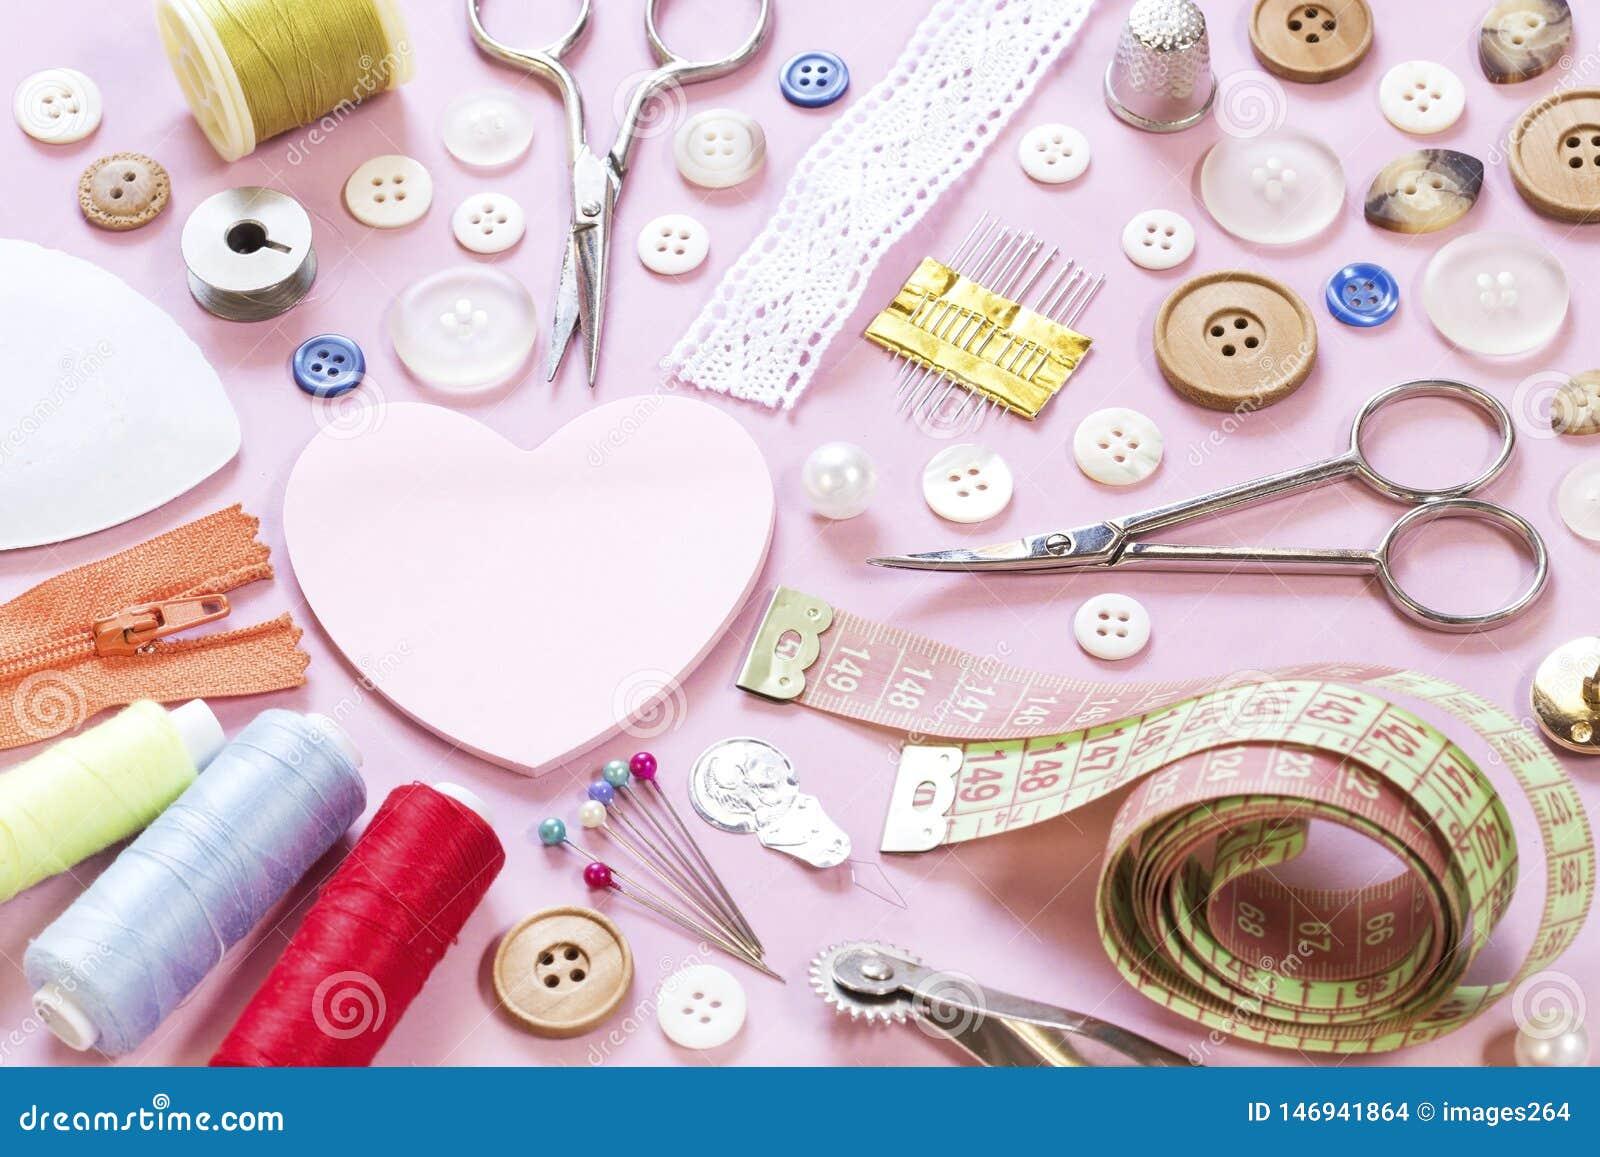 Artigos Sewing